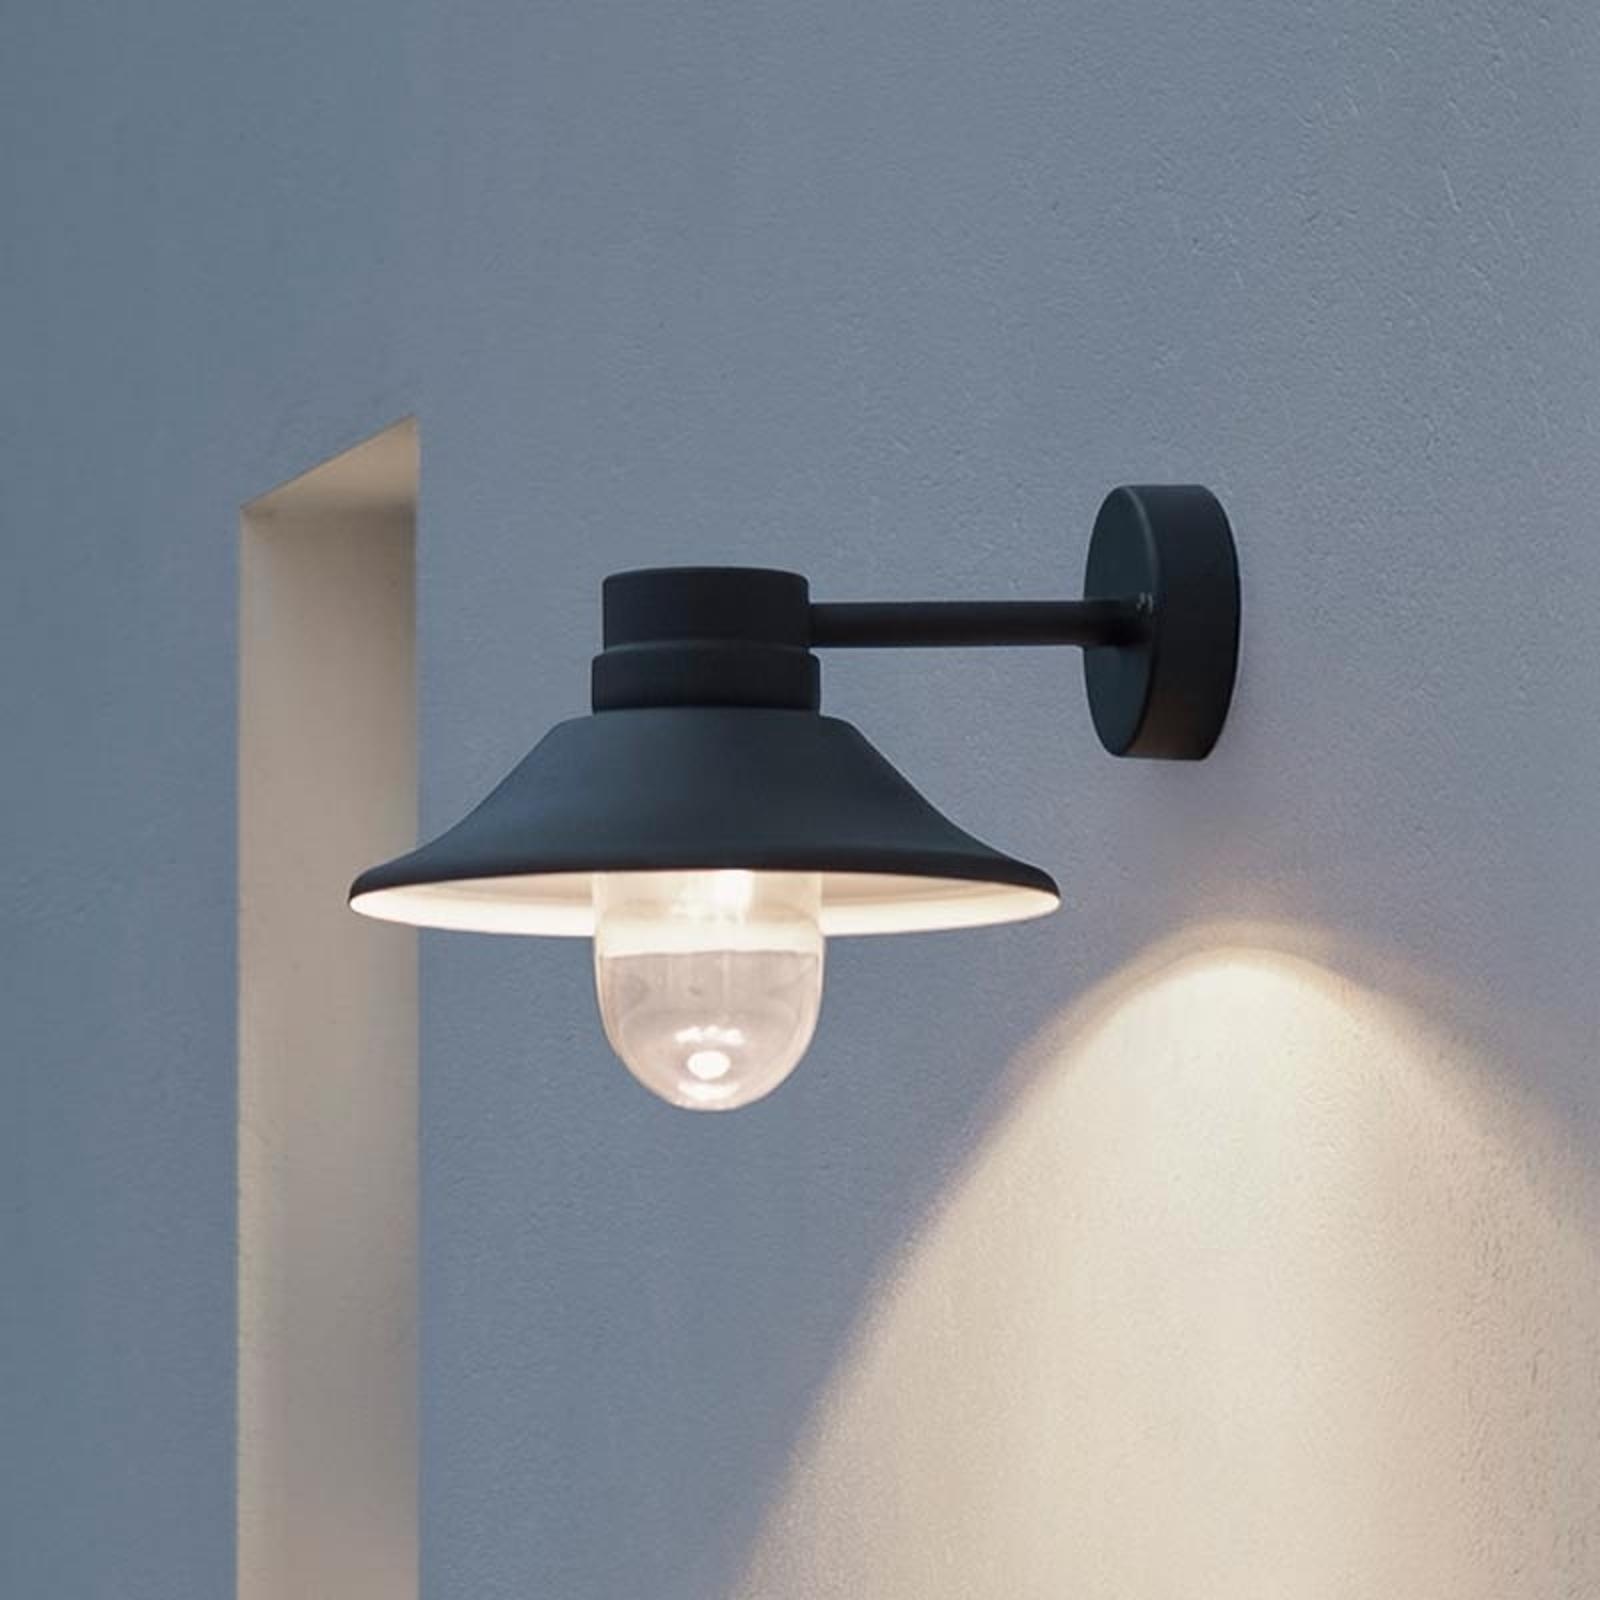 Applique d'extérieur Vega noir LED